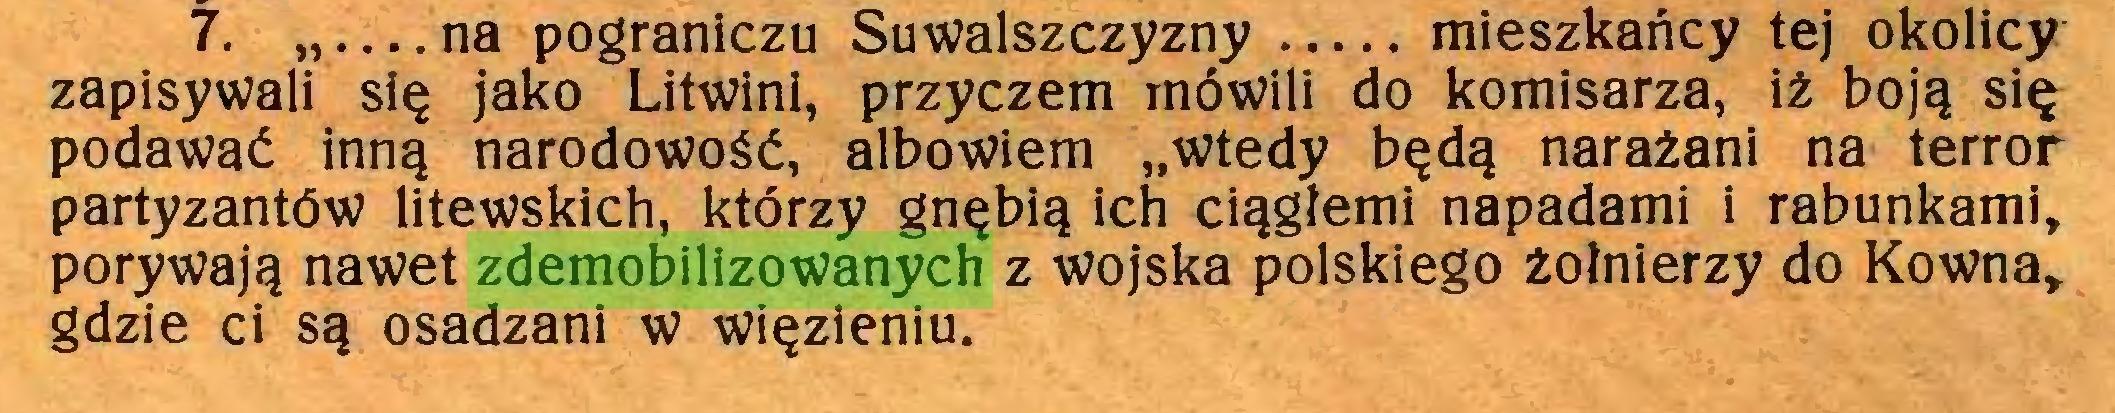 """(...) 7. na pograniczu Suwalszczyzny mieszkańcy tej okolicy zapisywali się jako Litwini, przyczem mówili do komisarza, iż boją się podawać inną narodowość, albowiem """"wtedy będą narażani na terror partyzantów litewskich, którzy gnębią ich ciągłemi napadami i rabunkami, porywają nawet zdemobilizowanych z wojska polskiego żołnierzy do Kowna, gdzie ci są osadzani w więzieniu..."""